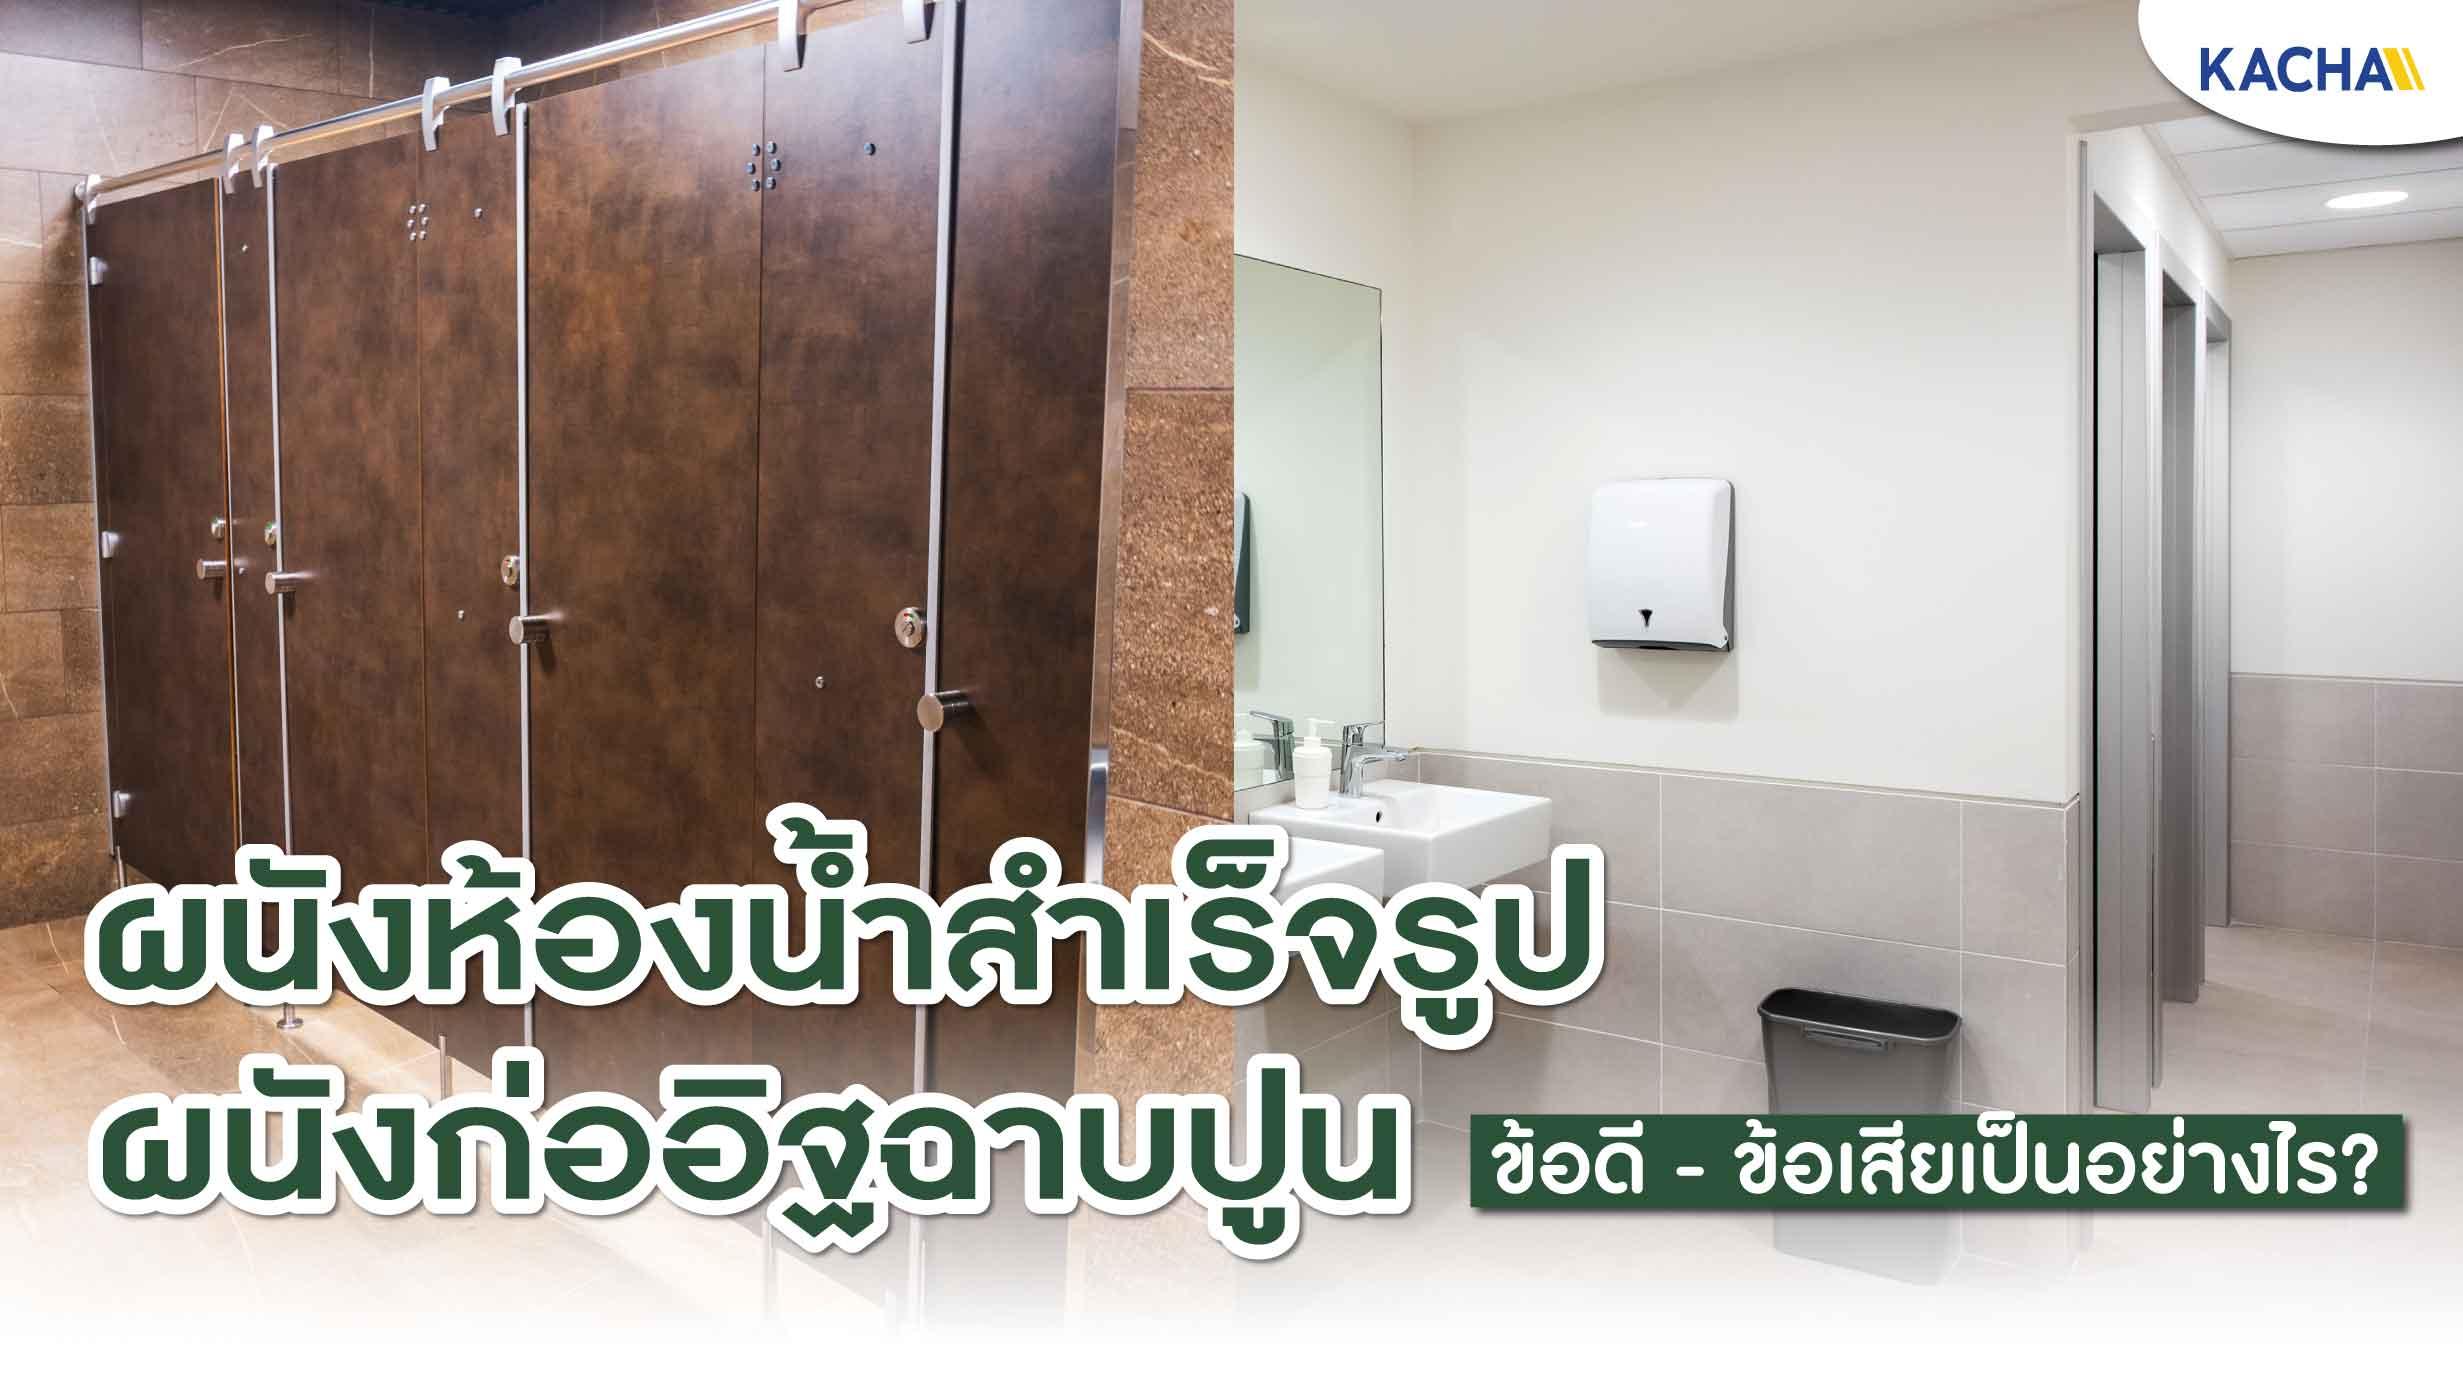 210429-Content-ผนังห้องน้ำสำเร็จรูป-ก่ออิฐฉาบปูน-มีข้อดี-ข้อเสียอย่างไร-01